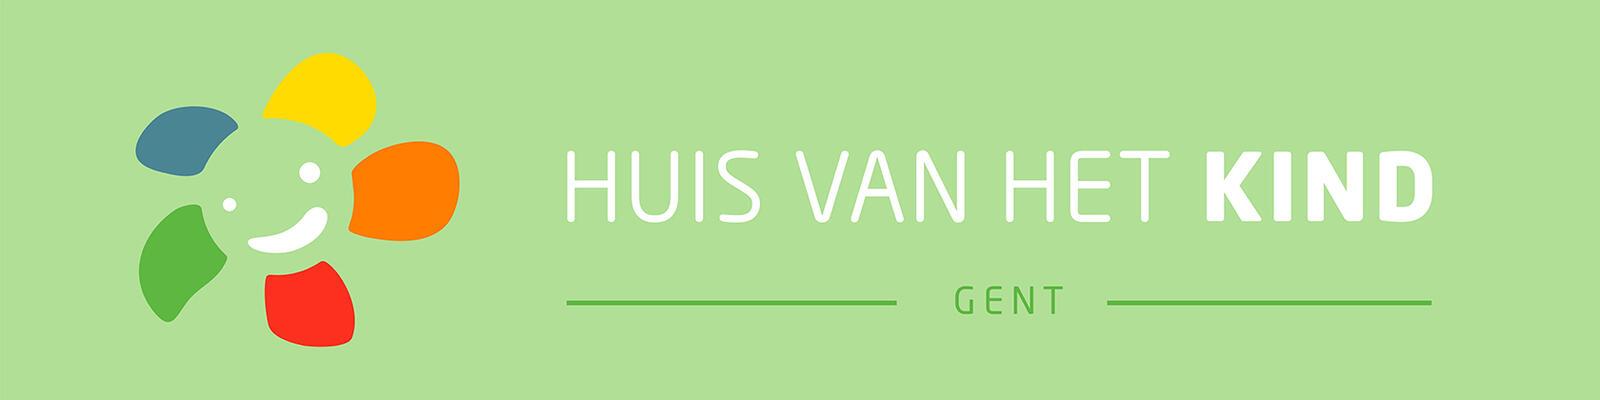 Huis van het Kind Gent